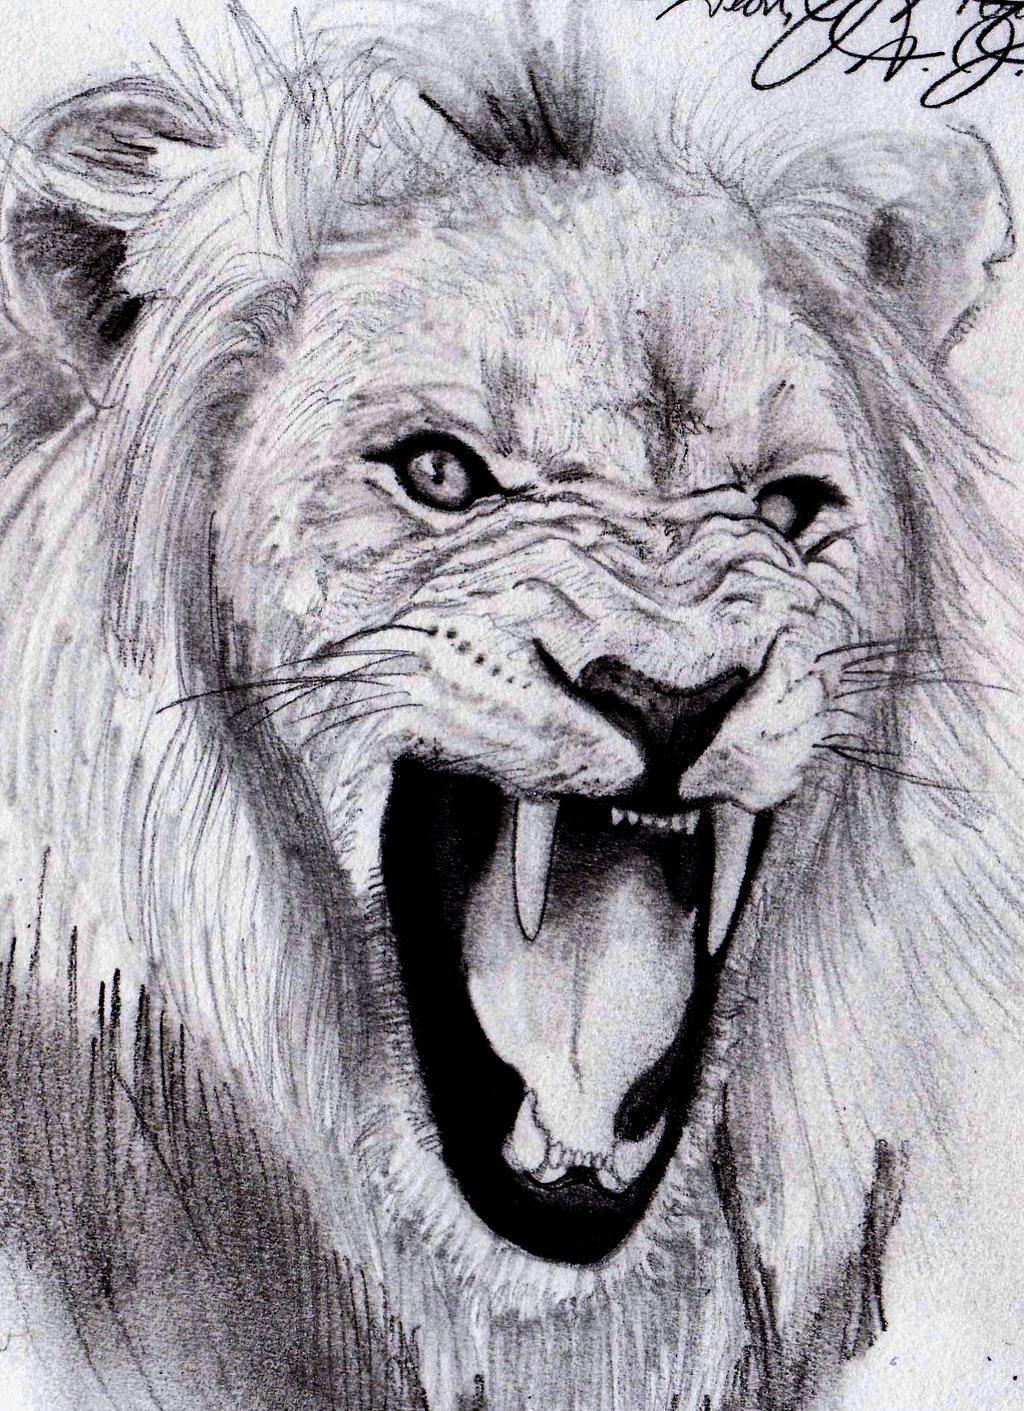 Lion Roar by dmistreet on DeviantArt